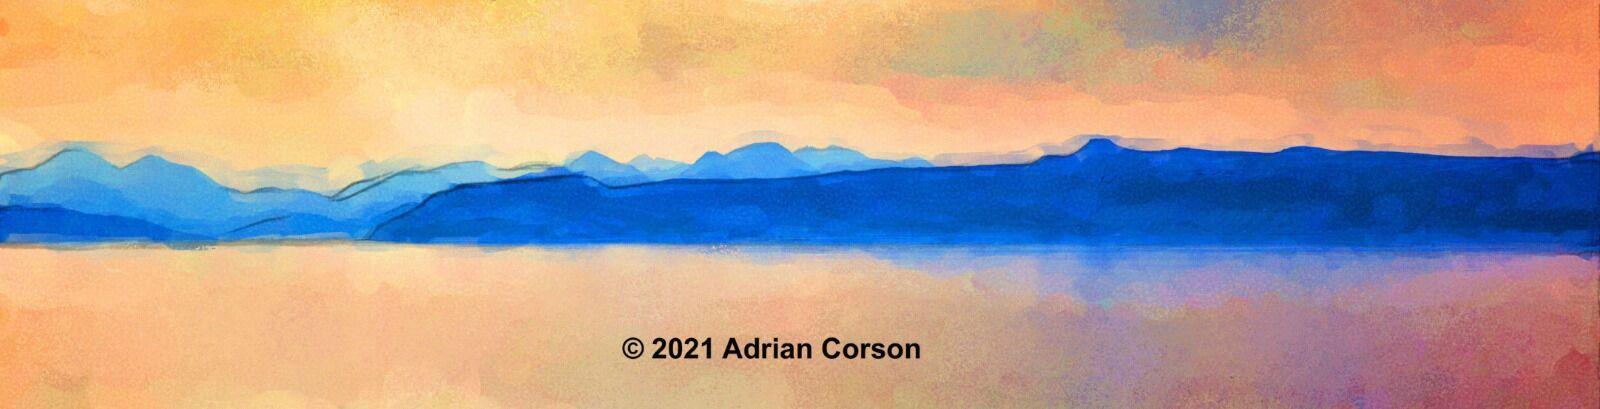 159-blue mountains